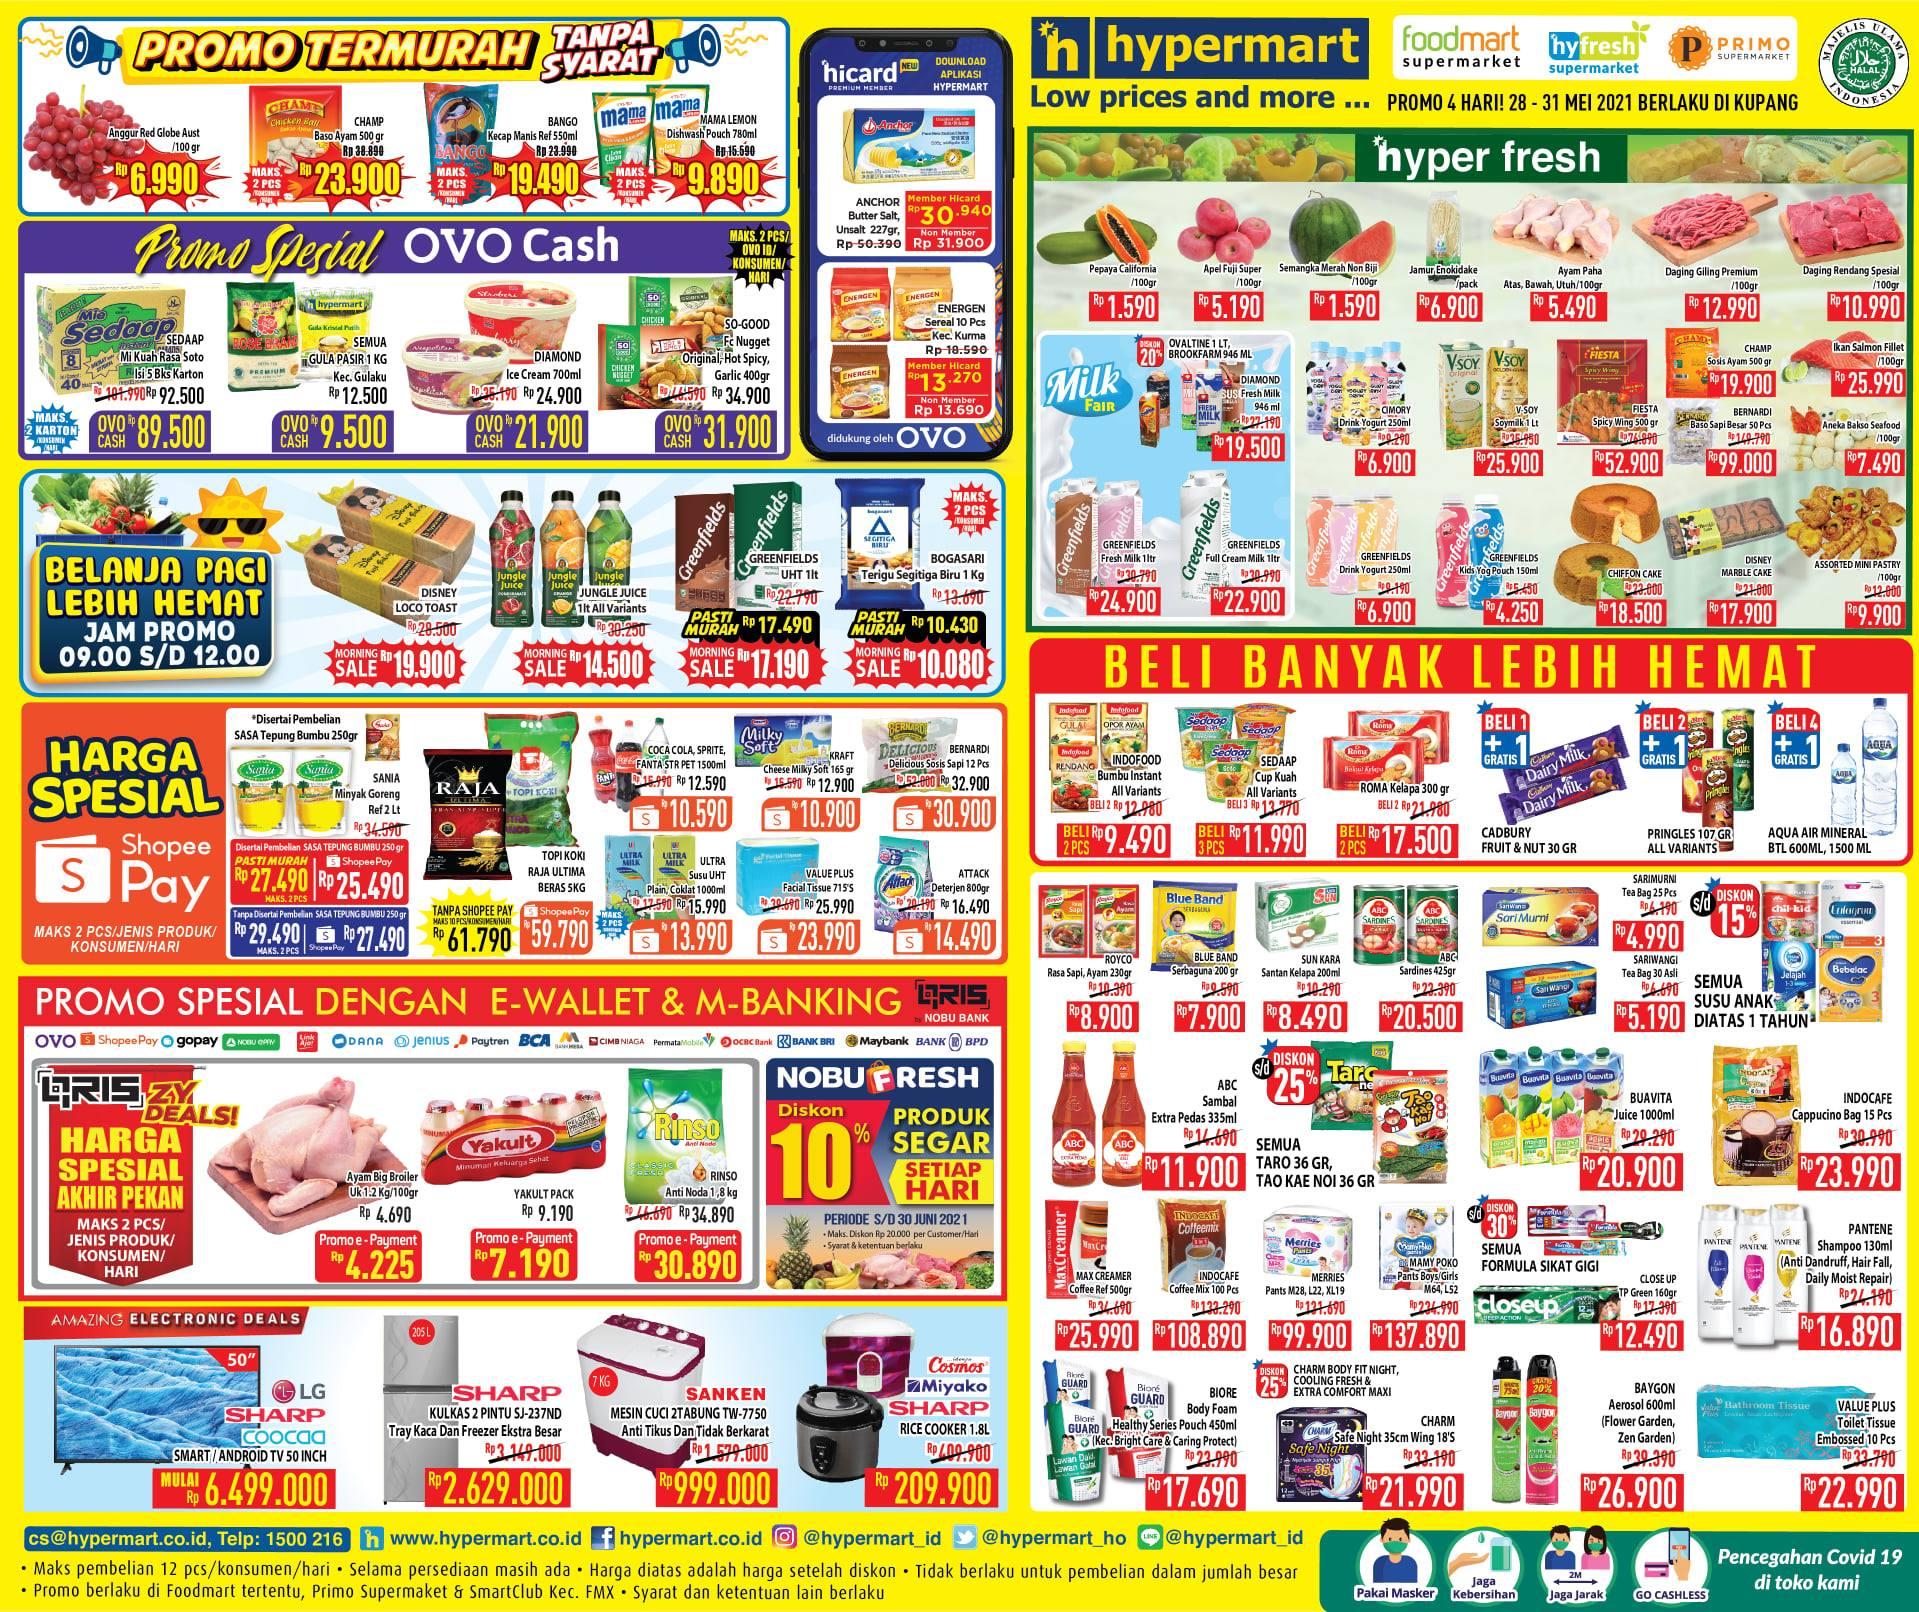 Promo Hypermart JSM Katalog Weekend periode 28-31 Mei 2021